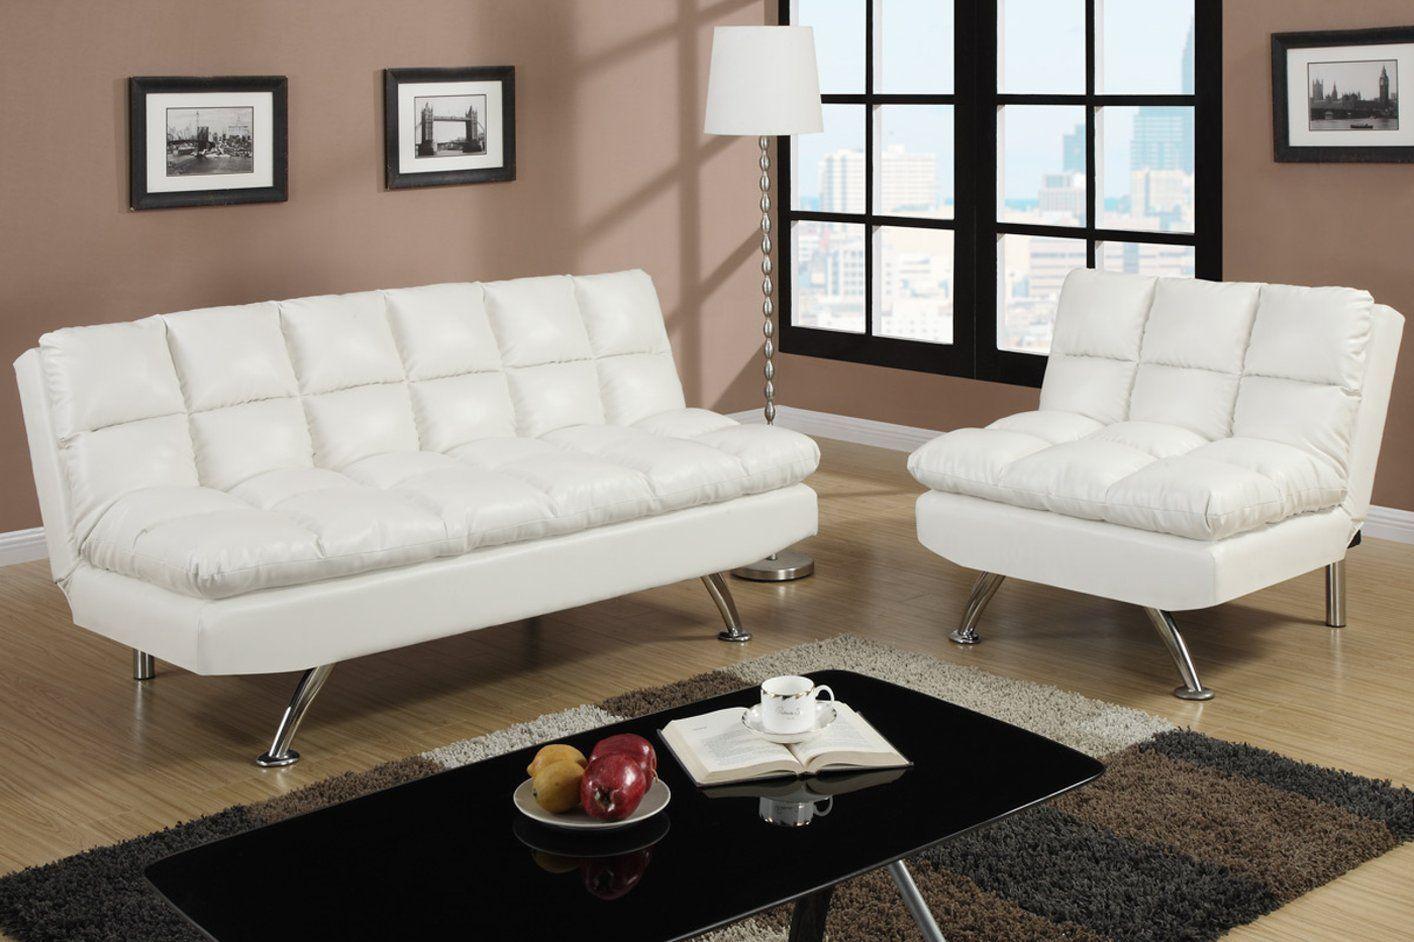 White Faux Leather Sofa Futon Sofa Leather Futon Futon Frame